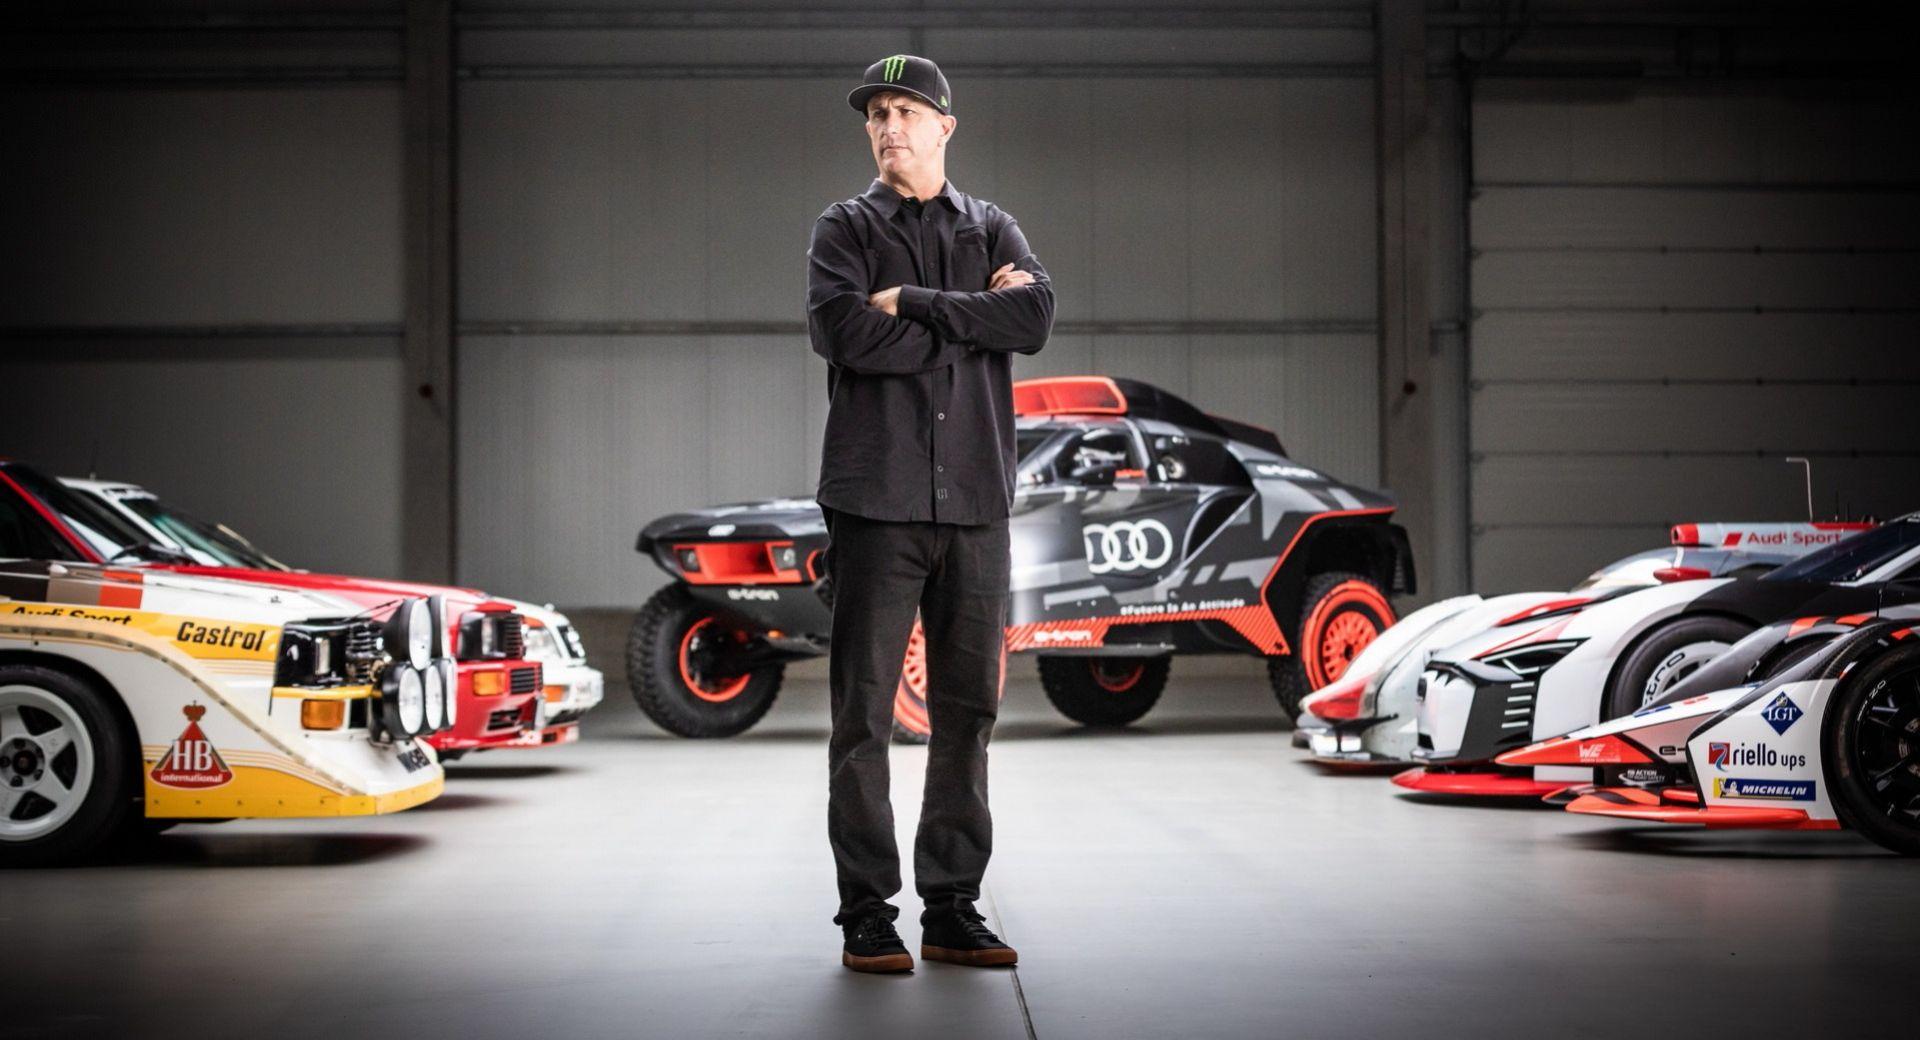 Ken Block ska hjälpa Audi att utveckla eldrivna bilar